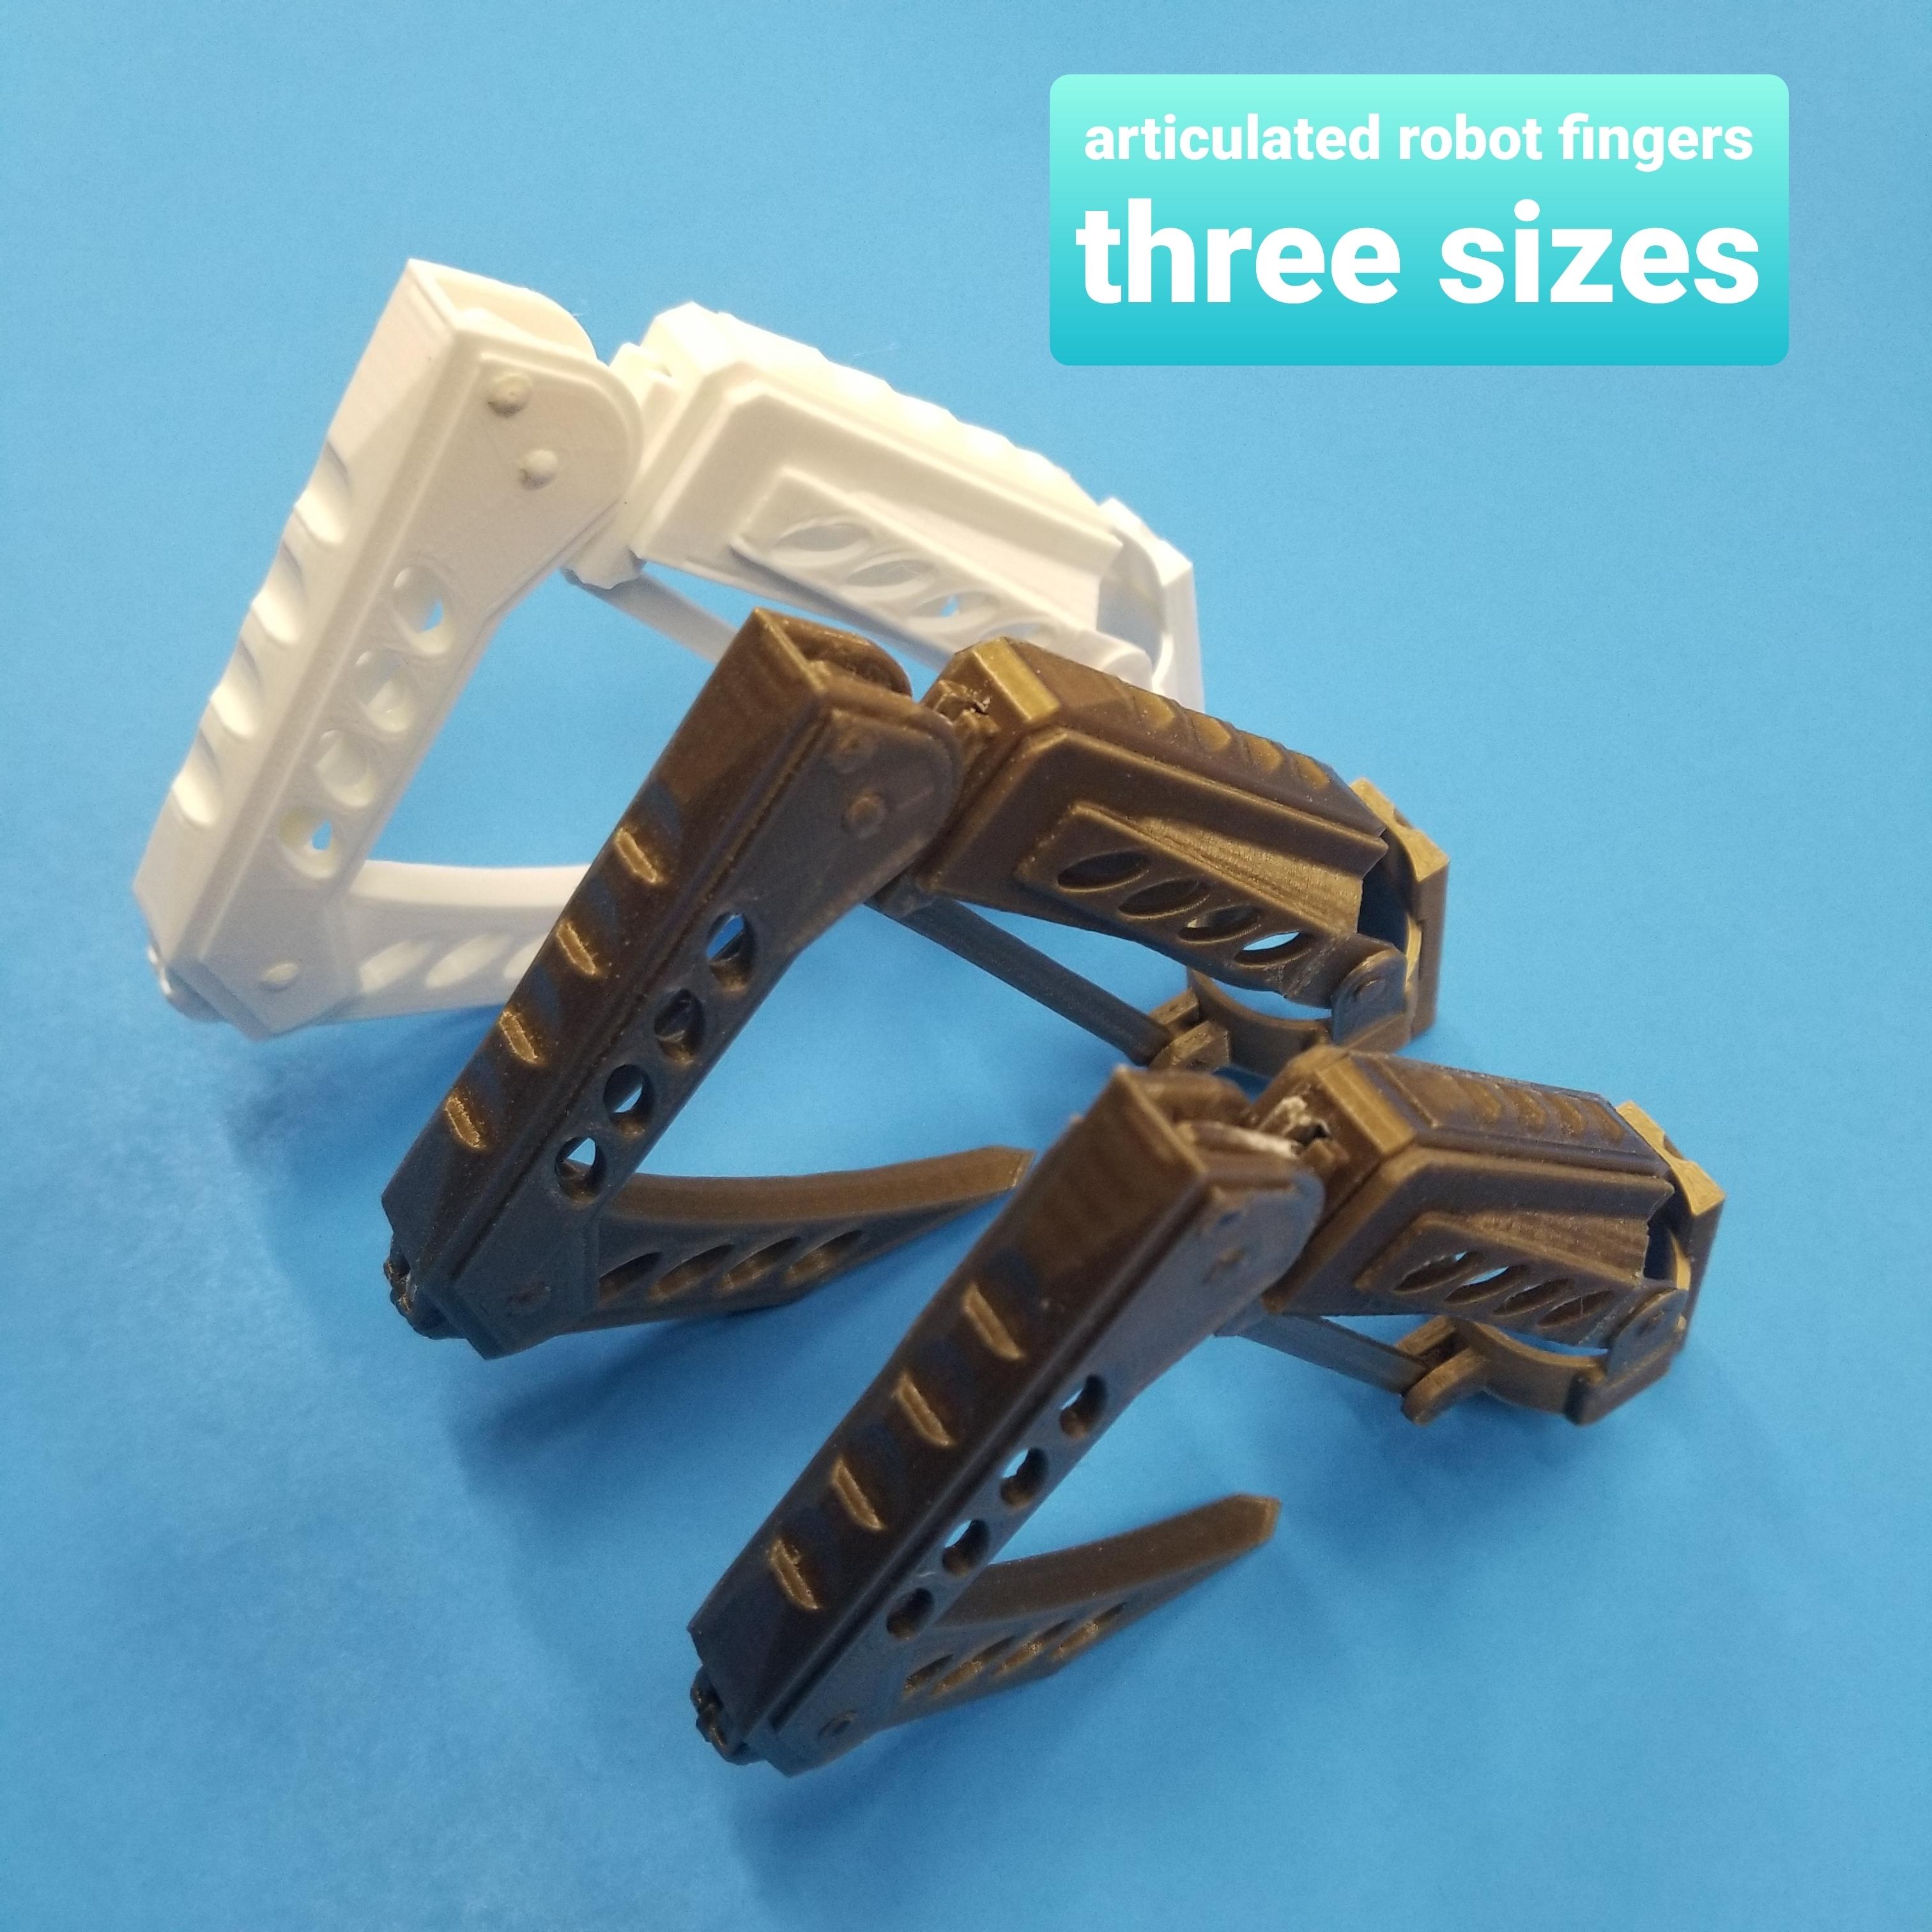 20200329_183550.jpg Télécharger fichier STL Doigts et pouces de robot et MISE À JOUR avec parties de doigts plus longues 3 tailles • Design à imprimer en 3D, LittleTup